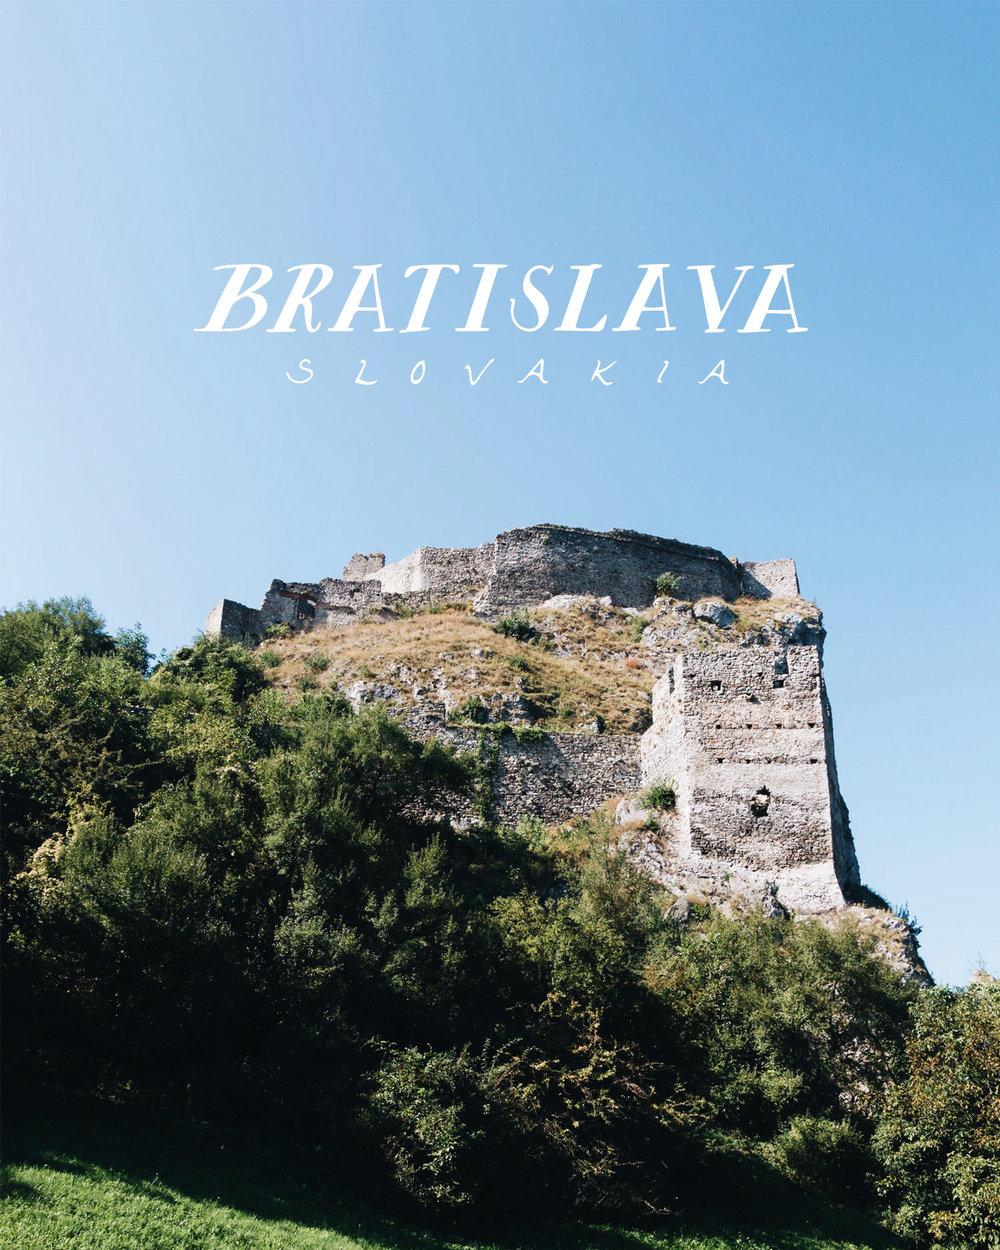 Bratislava, Slovakia | 2016 Sea of Atlas Travel Recap